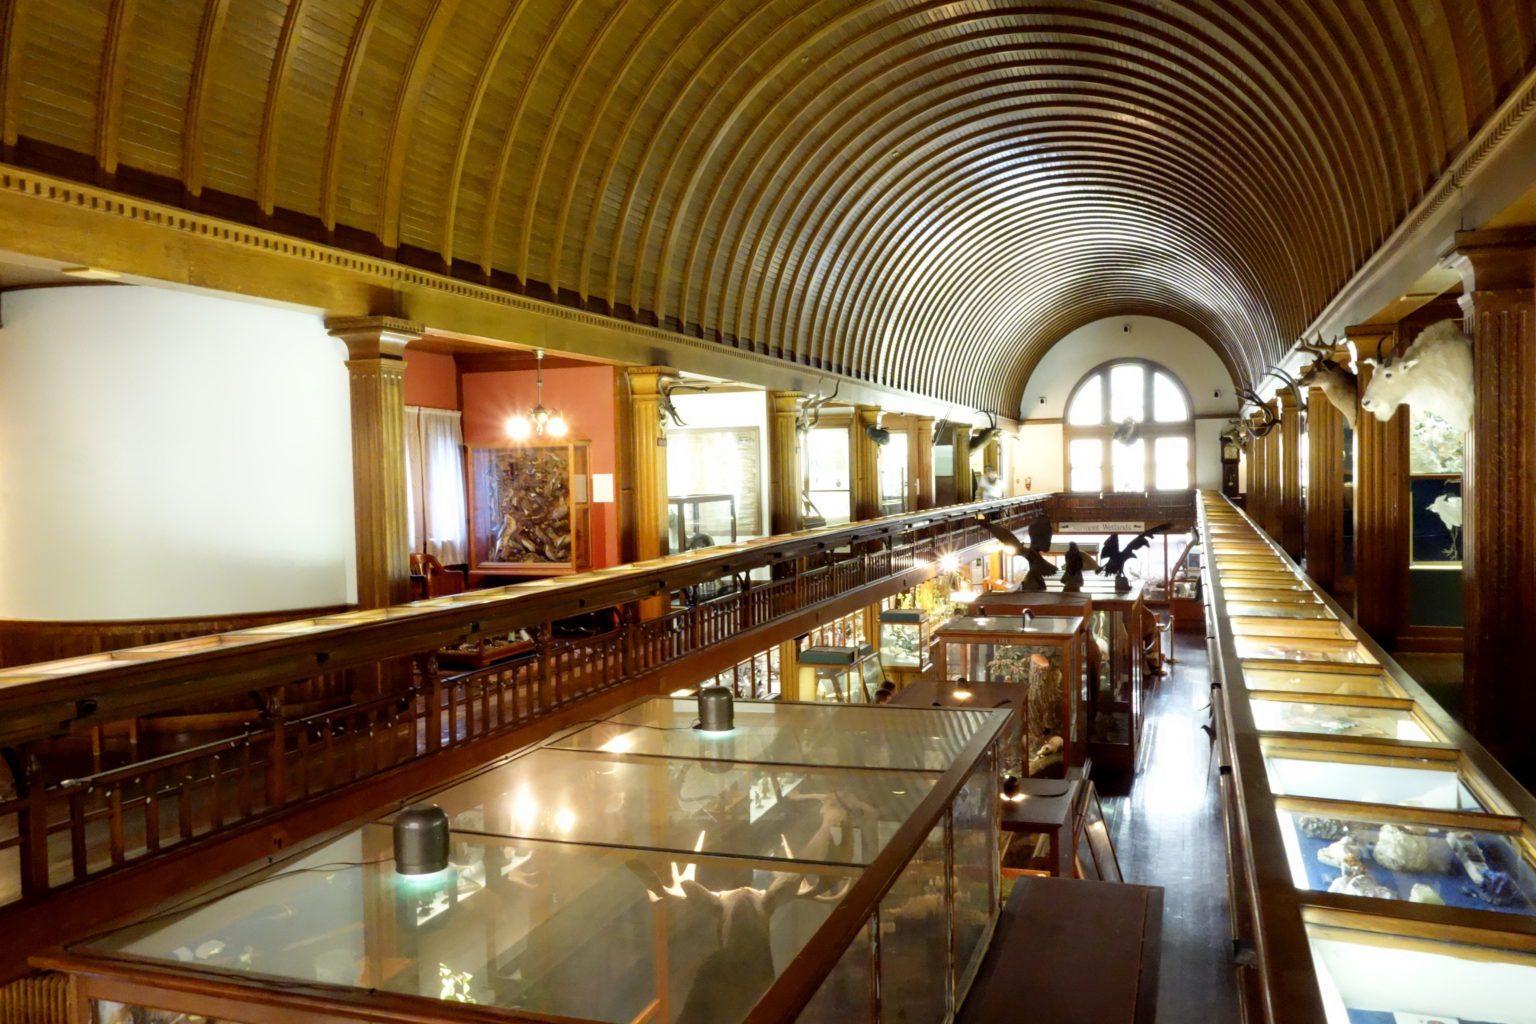 Fairbanks_Museum_Planetarium_Interior